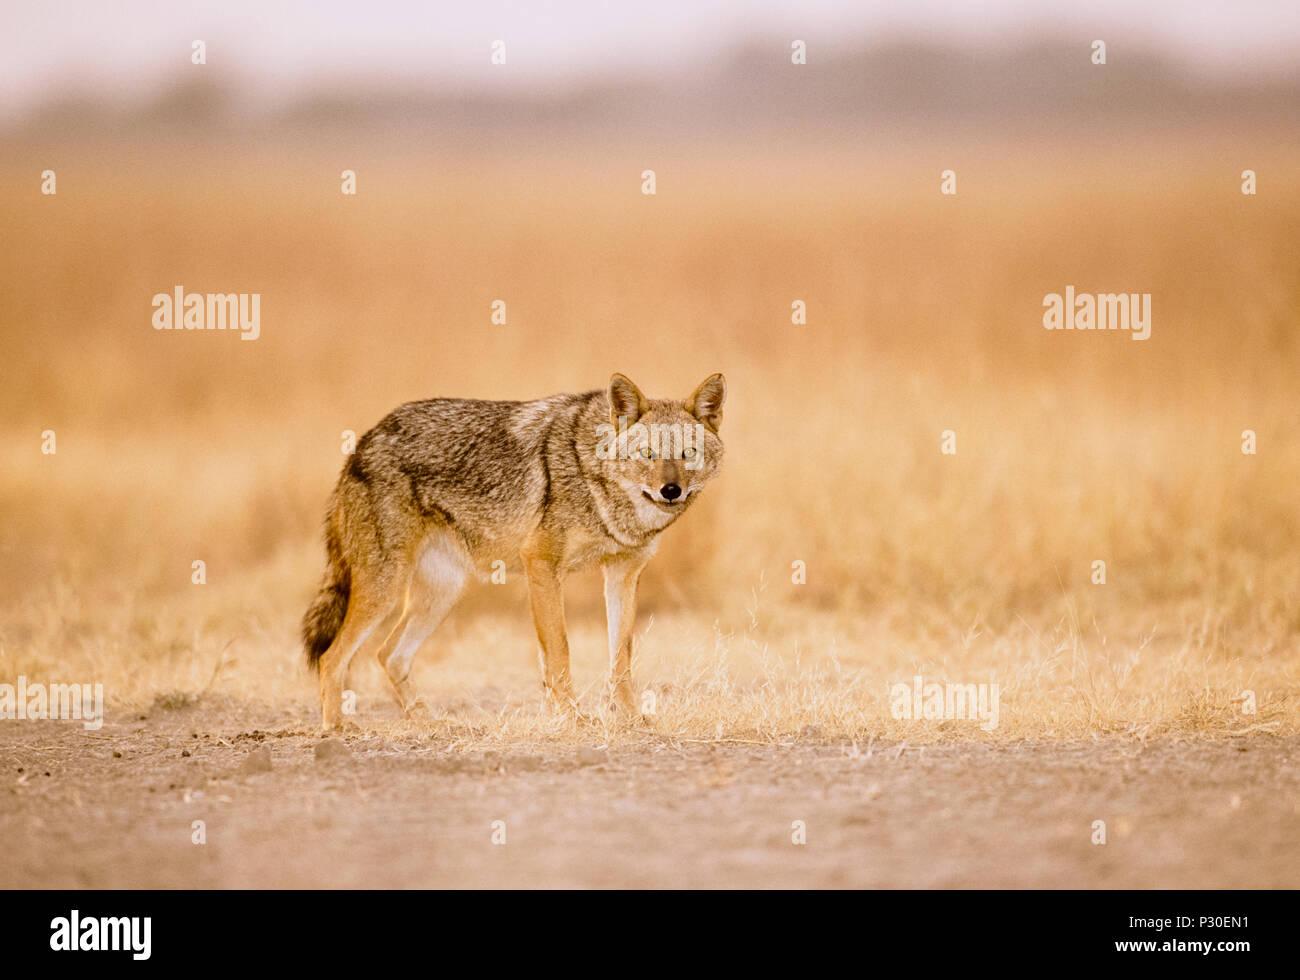 Adulte, mâle Golden Jackal a également appelé le chacal, Indiennes (Canis aureus indicus), Velavadar National Park, Gujerat, en Inde Banque D'Images